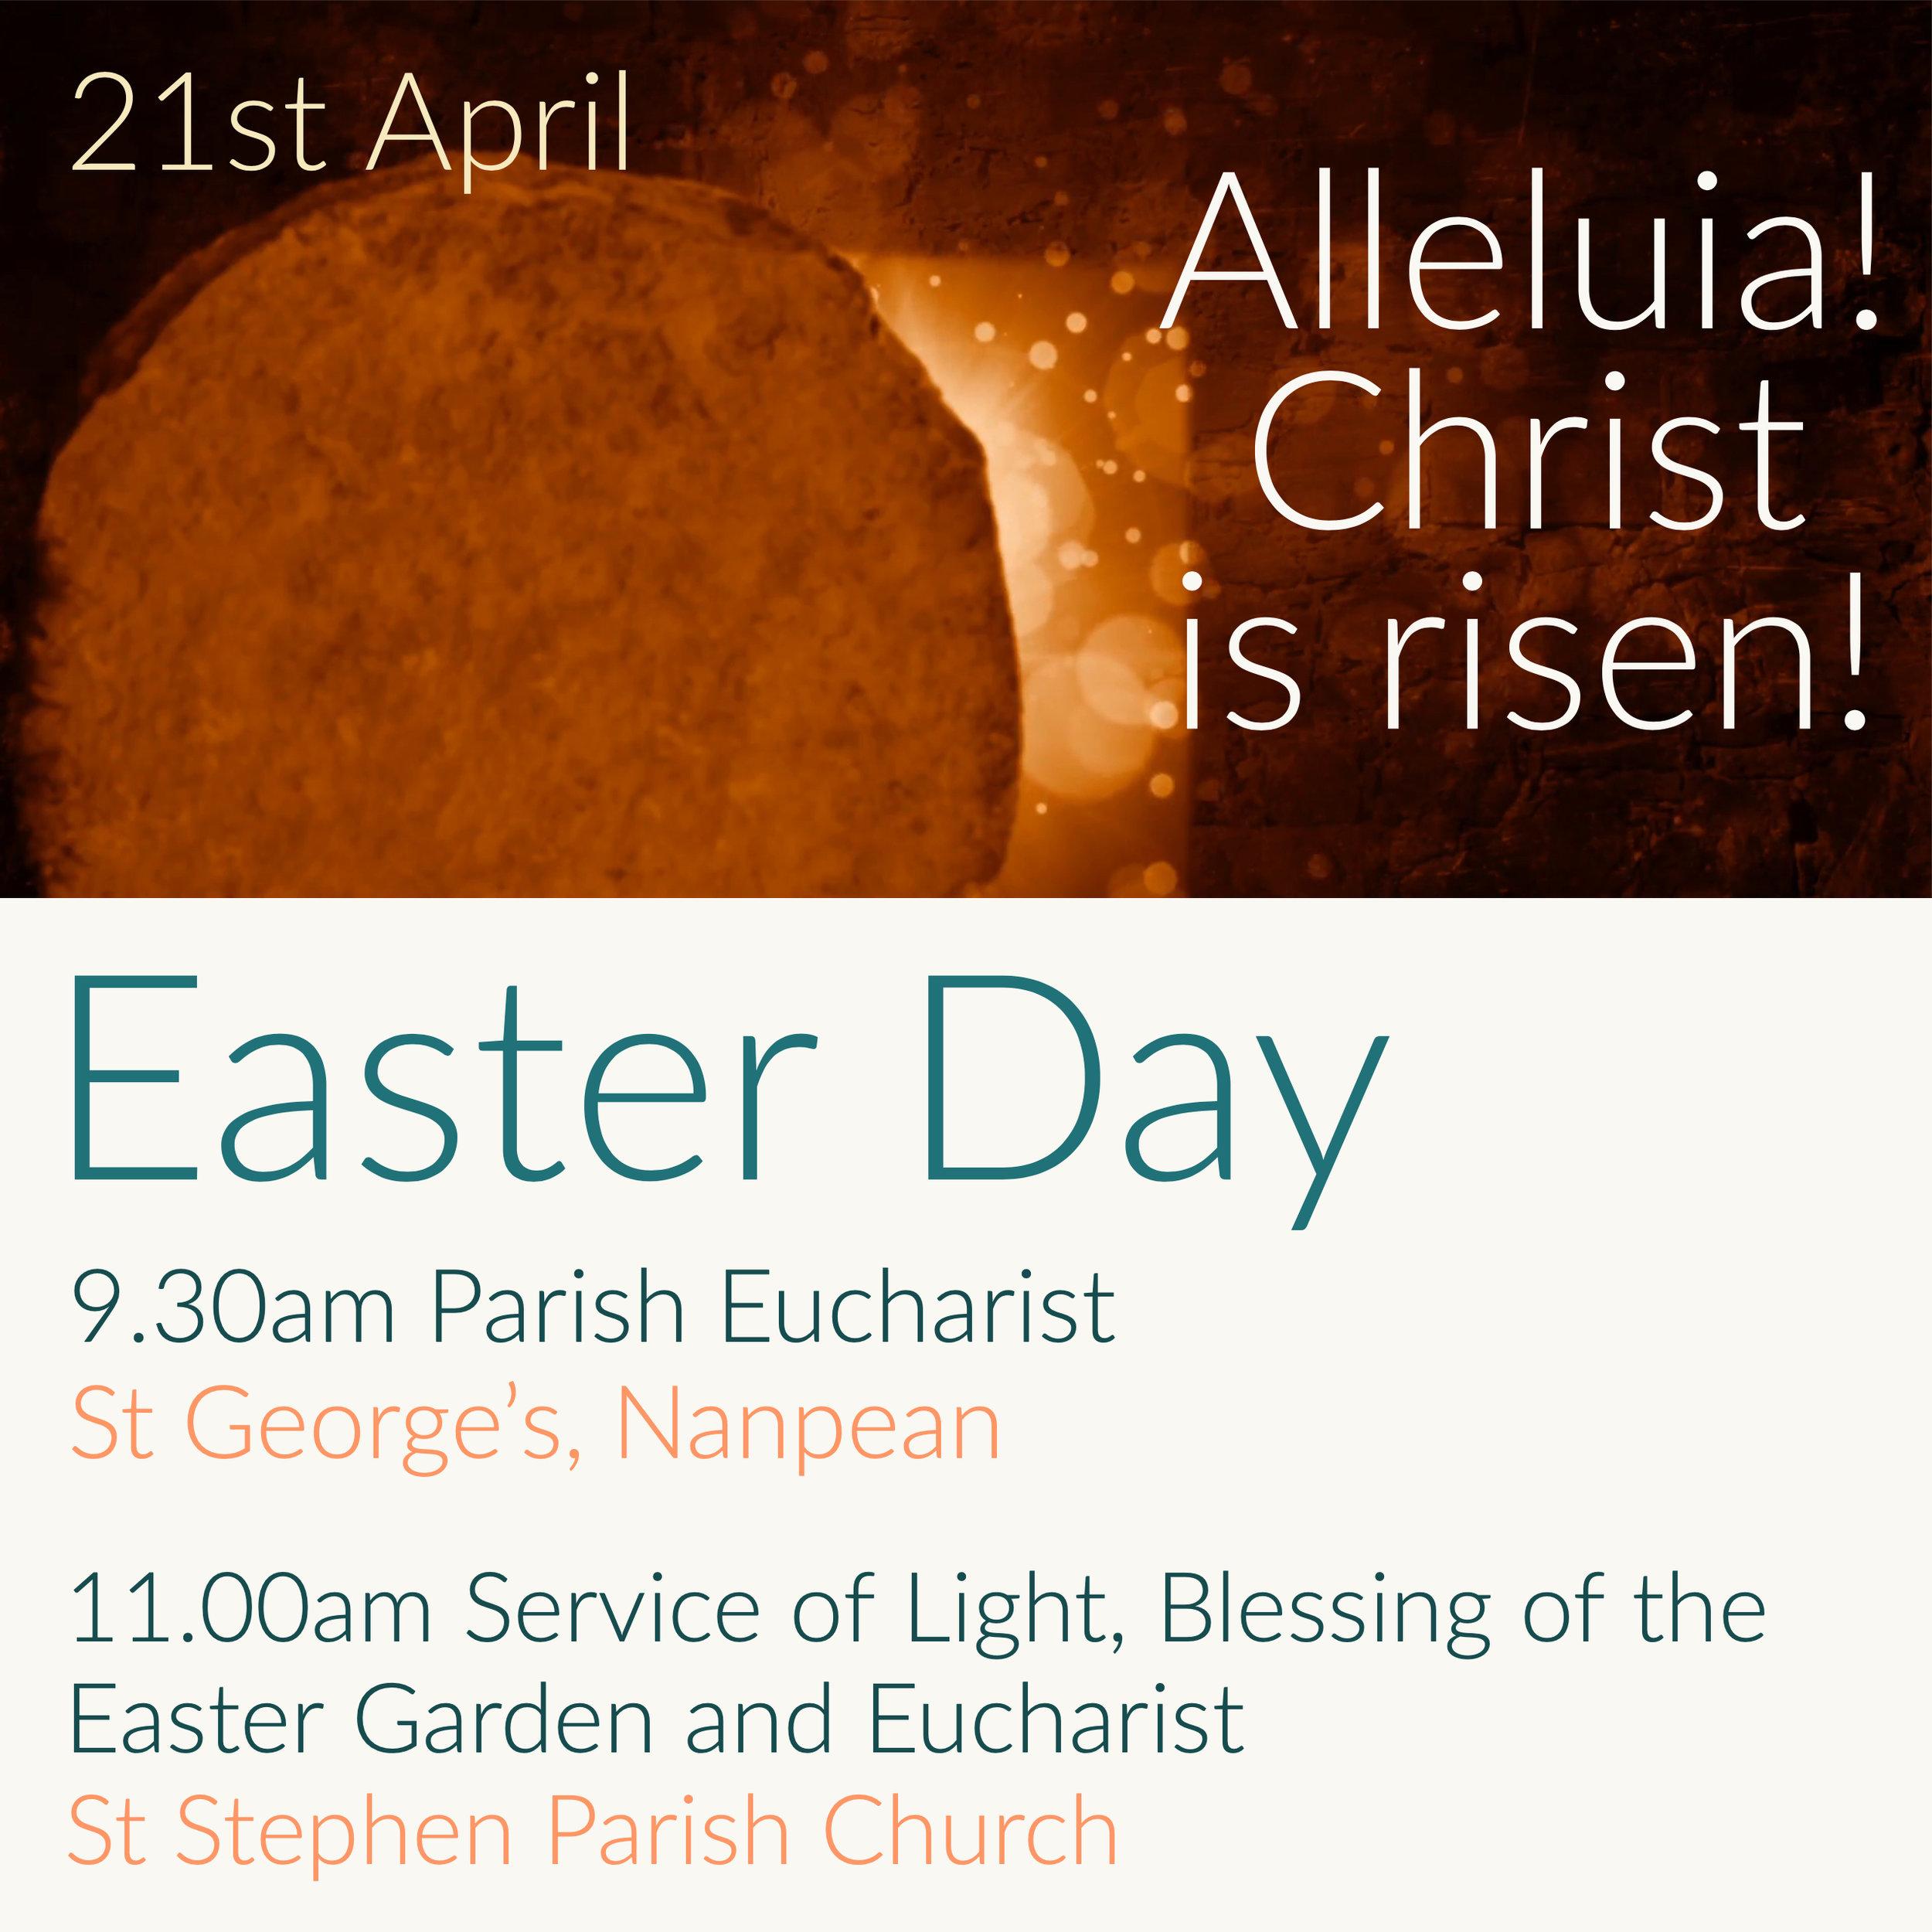 Easter copy.jpg